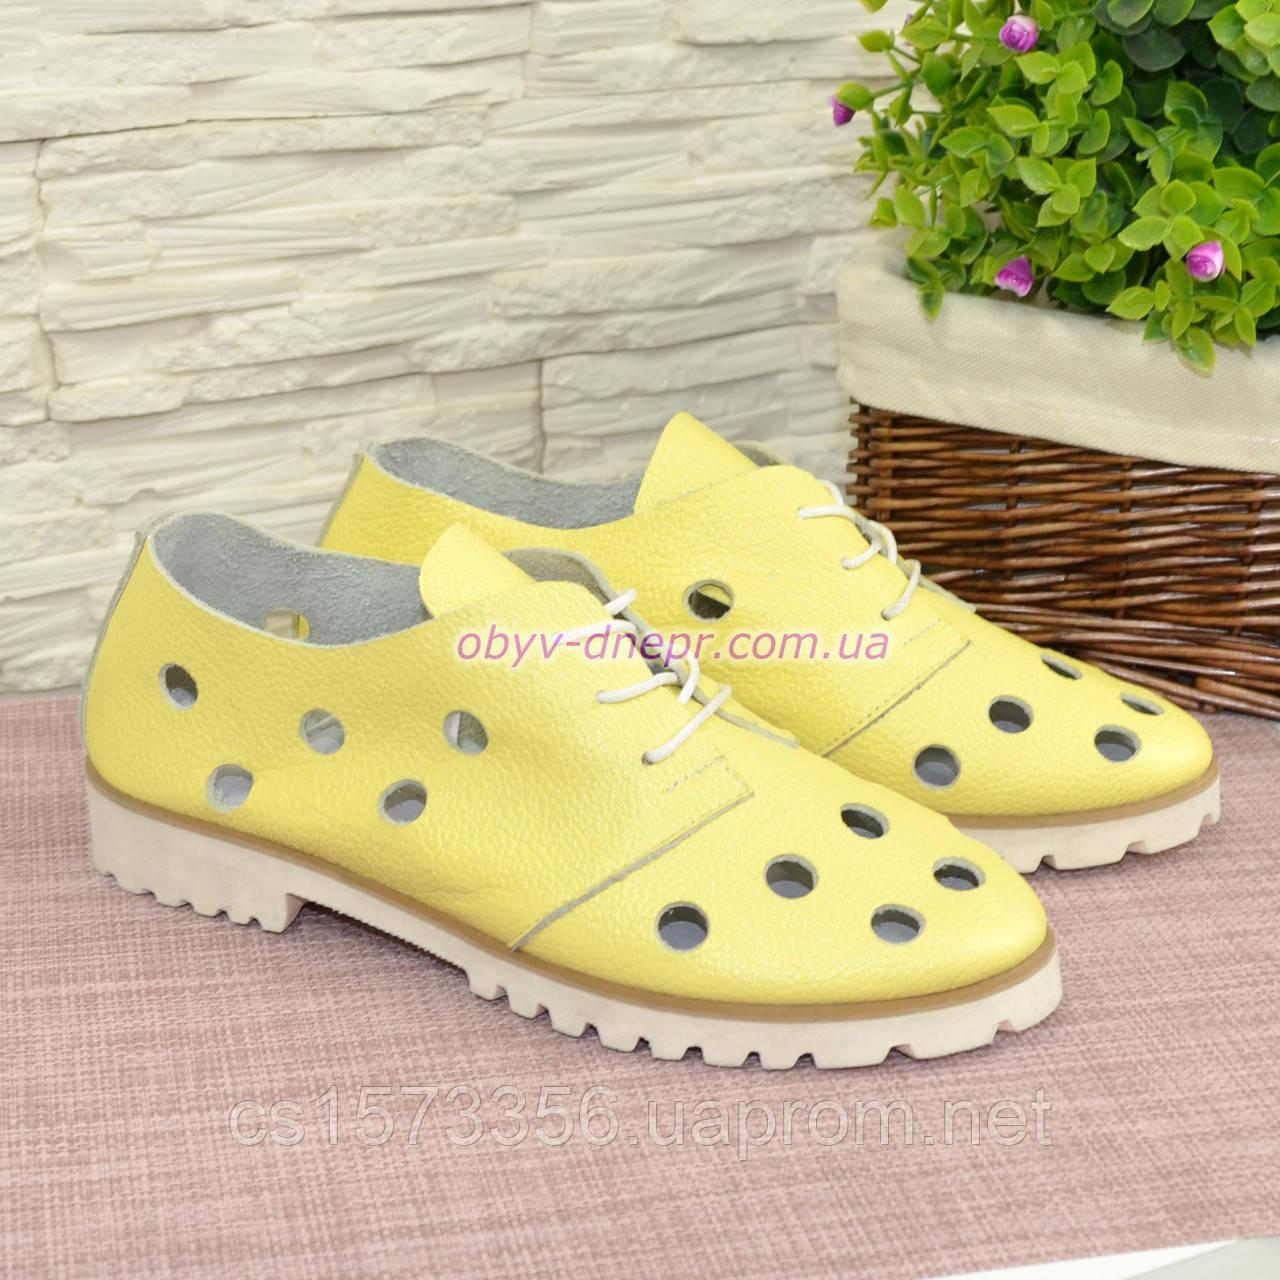 Туфлі жіночі шкіряні на тракторній підошві, колір-жовтий. Полегшений варіант.